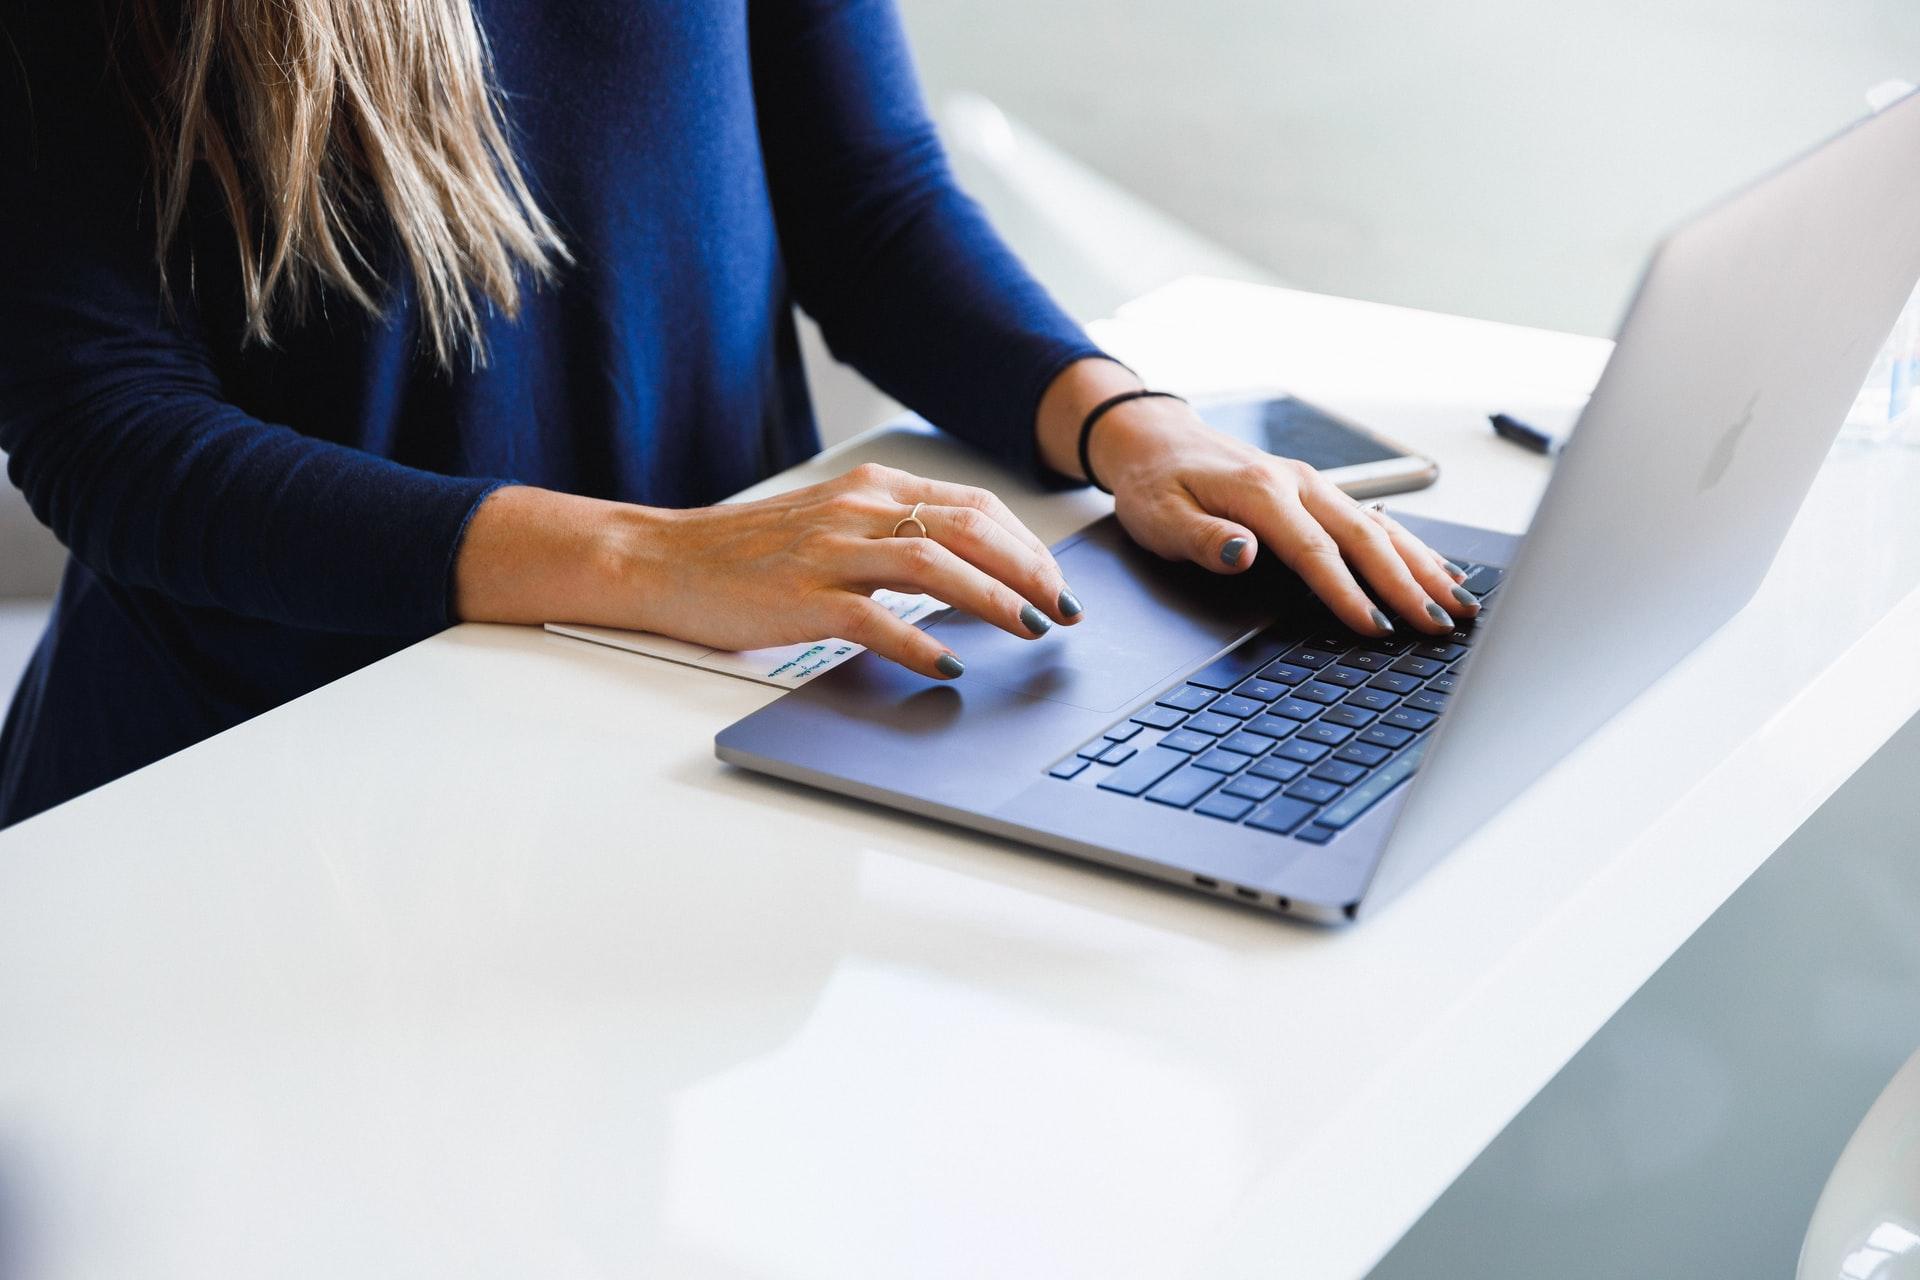 Boa parte de como fazer um plano de negócios para e-commerce envolve sentar, pesquisar e escrever. (Foto: Unsplash)